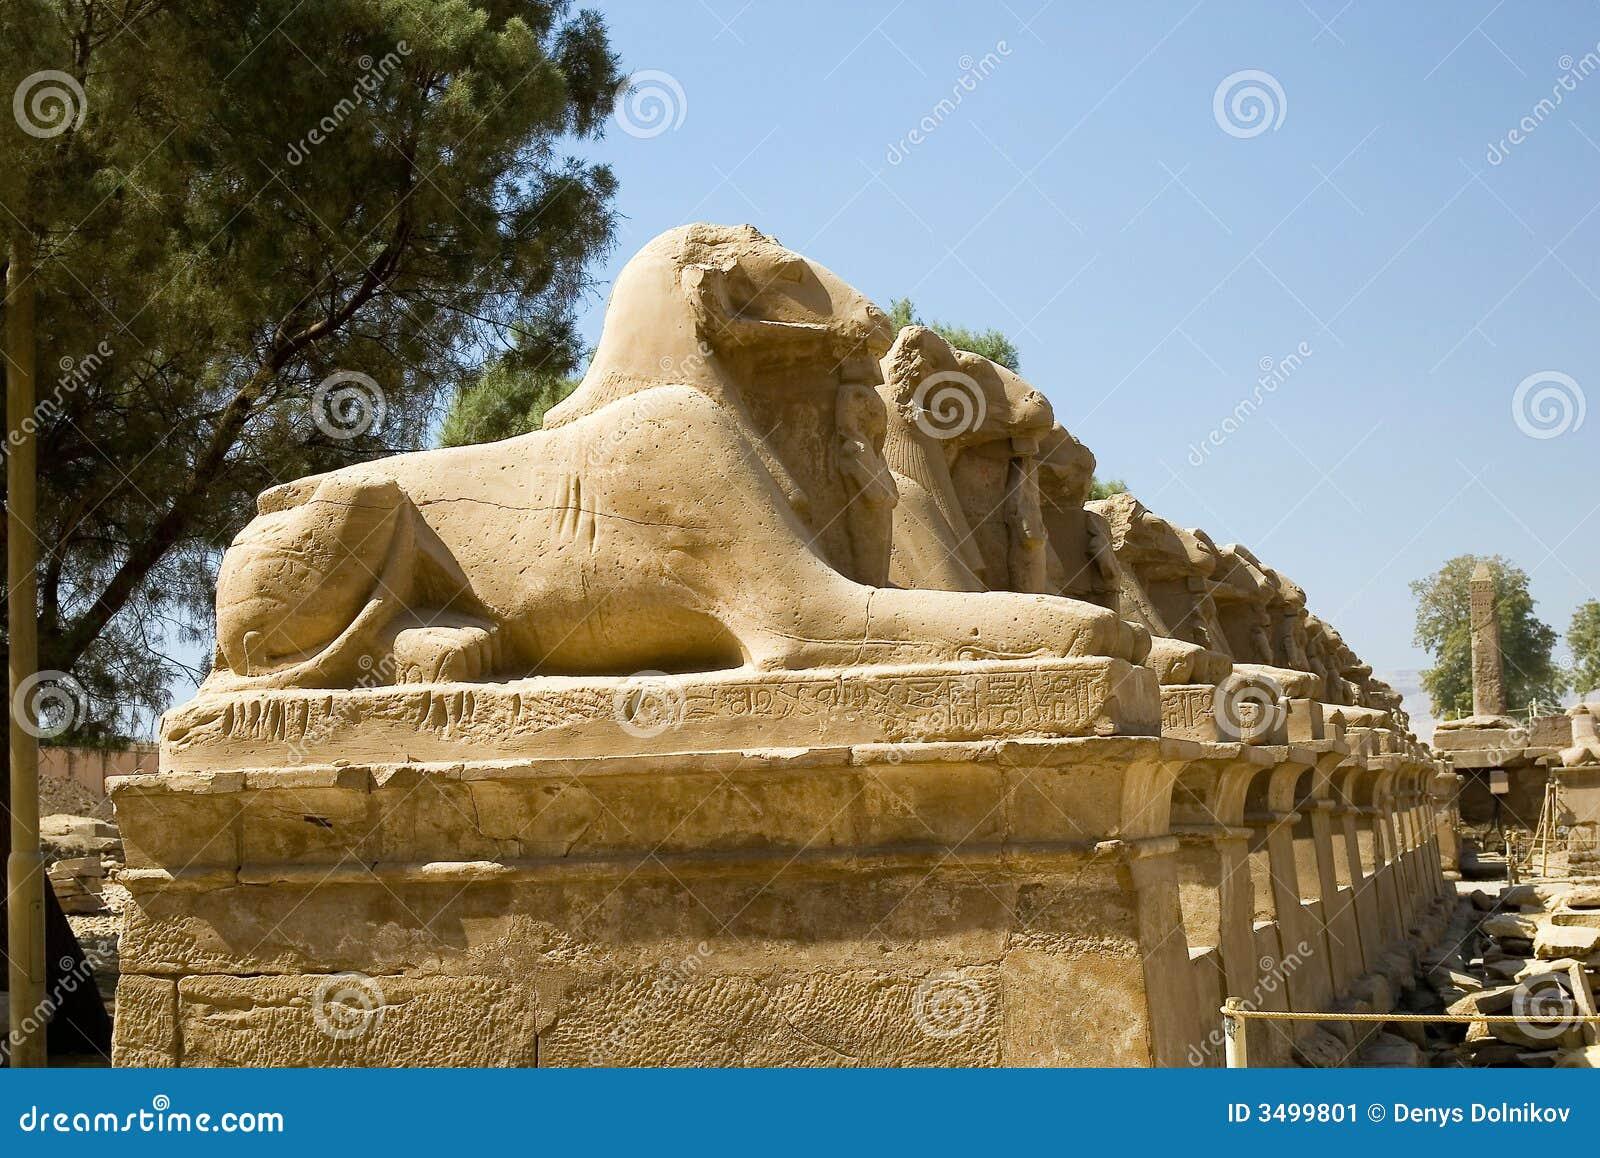 Luxor. Karnak